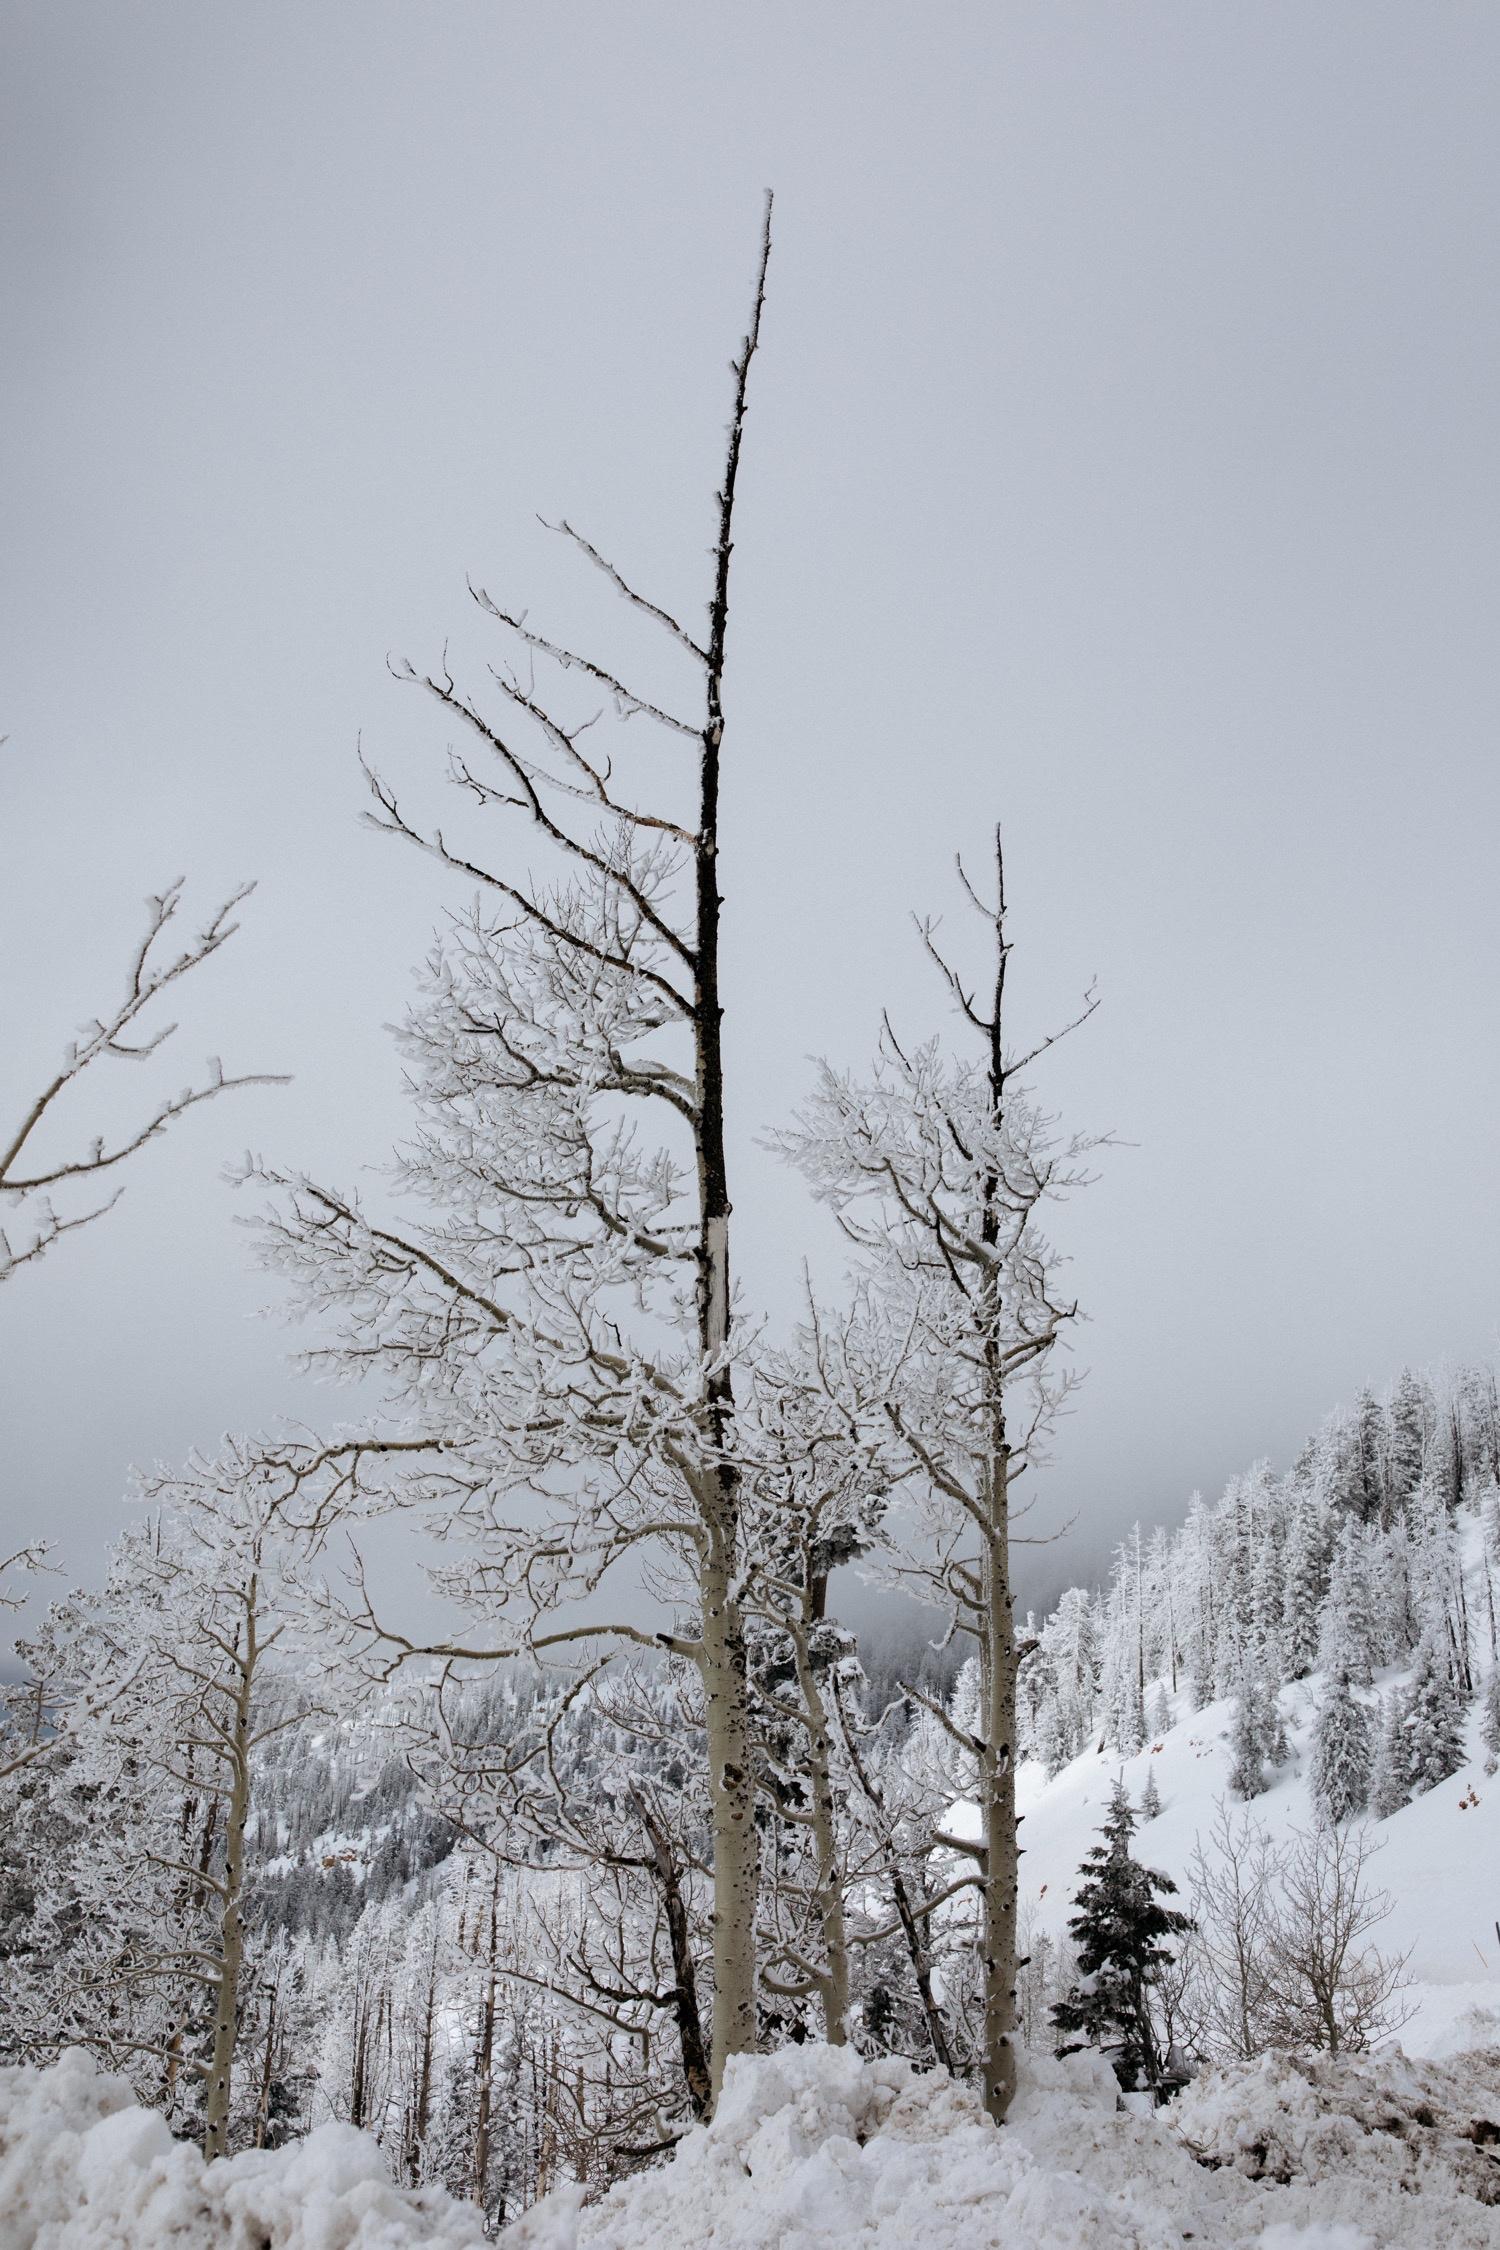 09_winter_desert_snow_zoeburchardstudio_utah_zoeburchard_elopement_redrocks_elopementphotographer.jpg